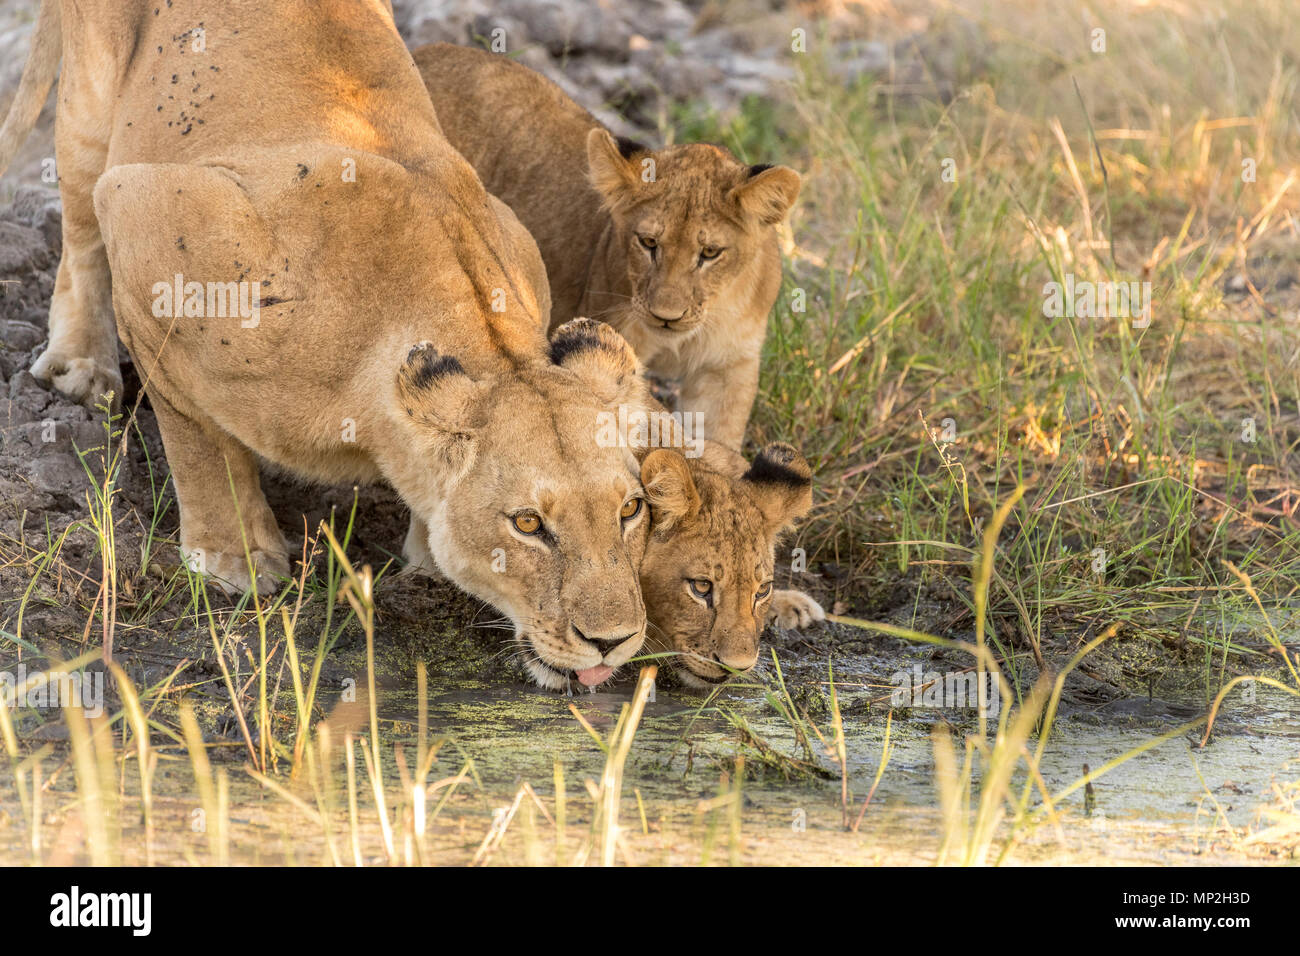 Lionne avec de l'eau potable d'oursons dans vumbera dans le delta de l'Okavango au Botswana Banque D'Images